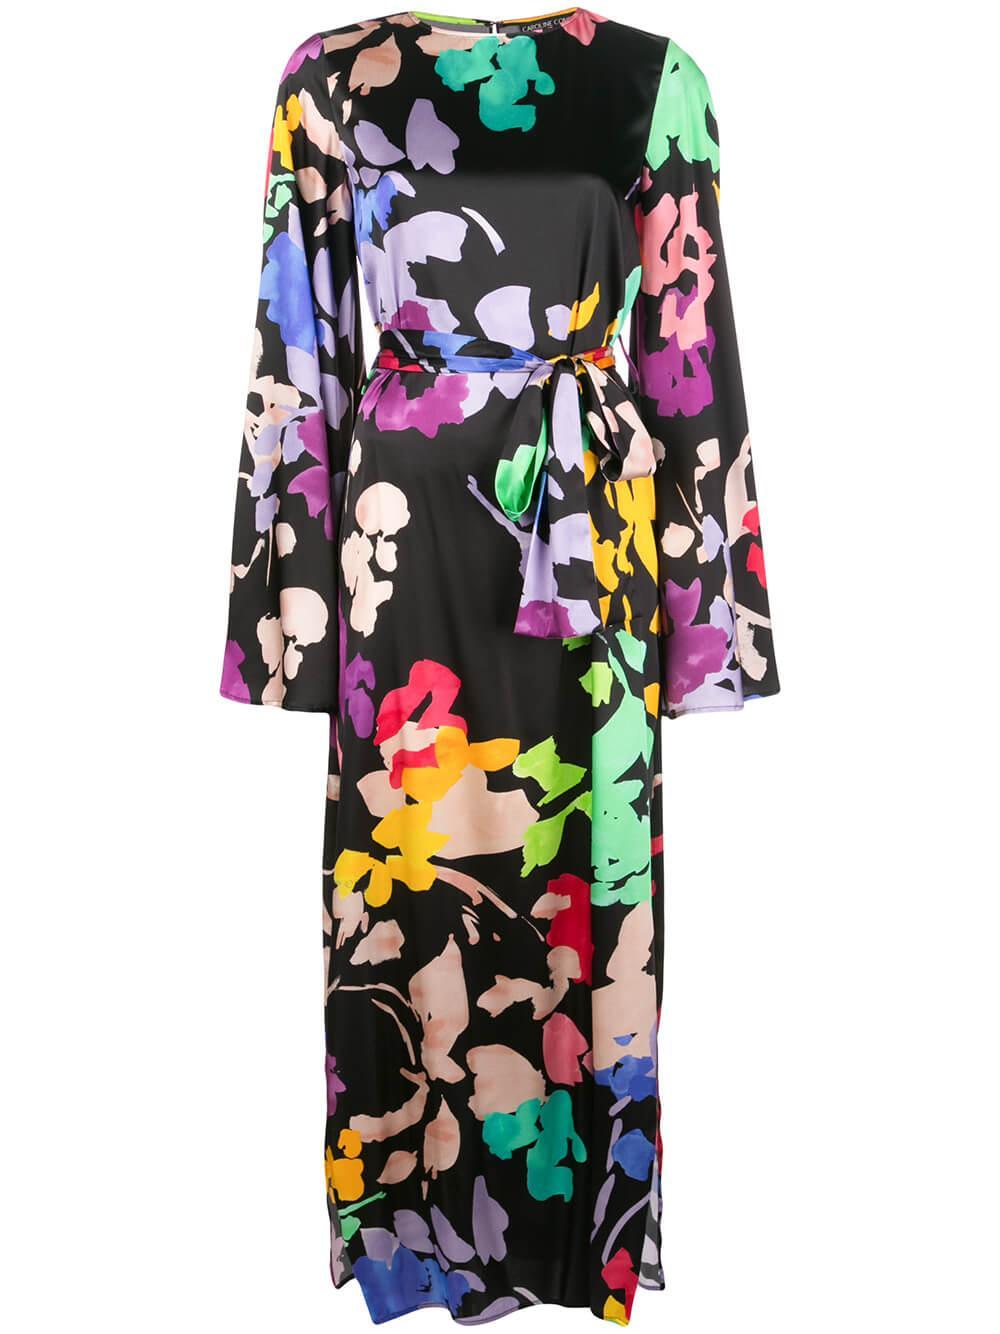 Liliana Dress Item # D262FCMR20